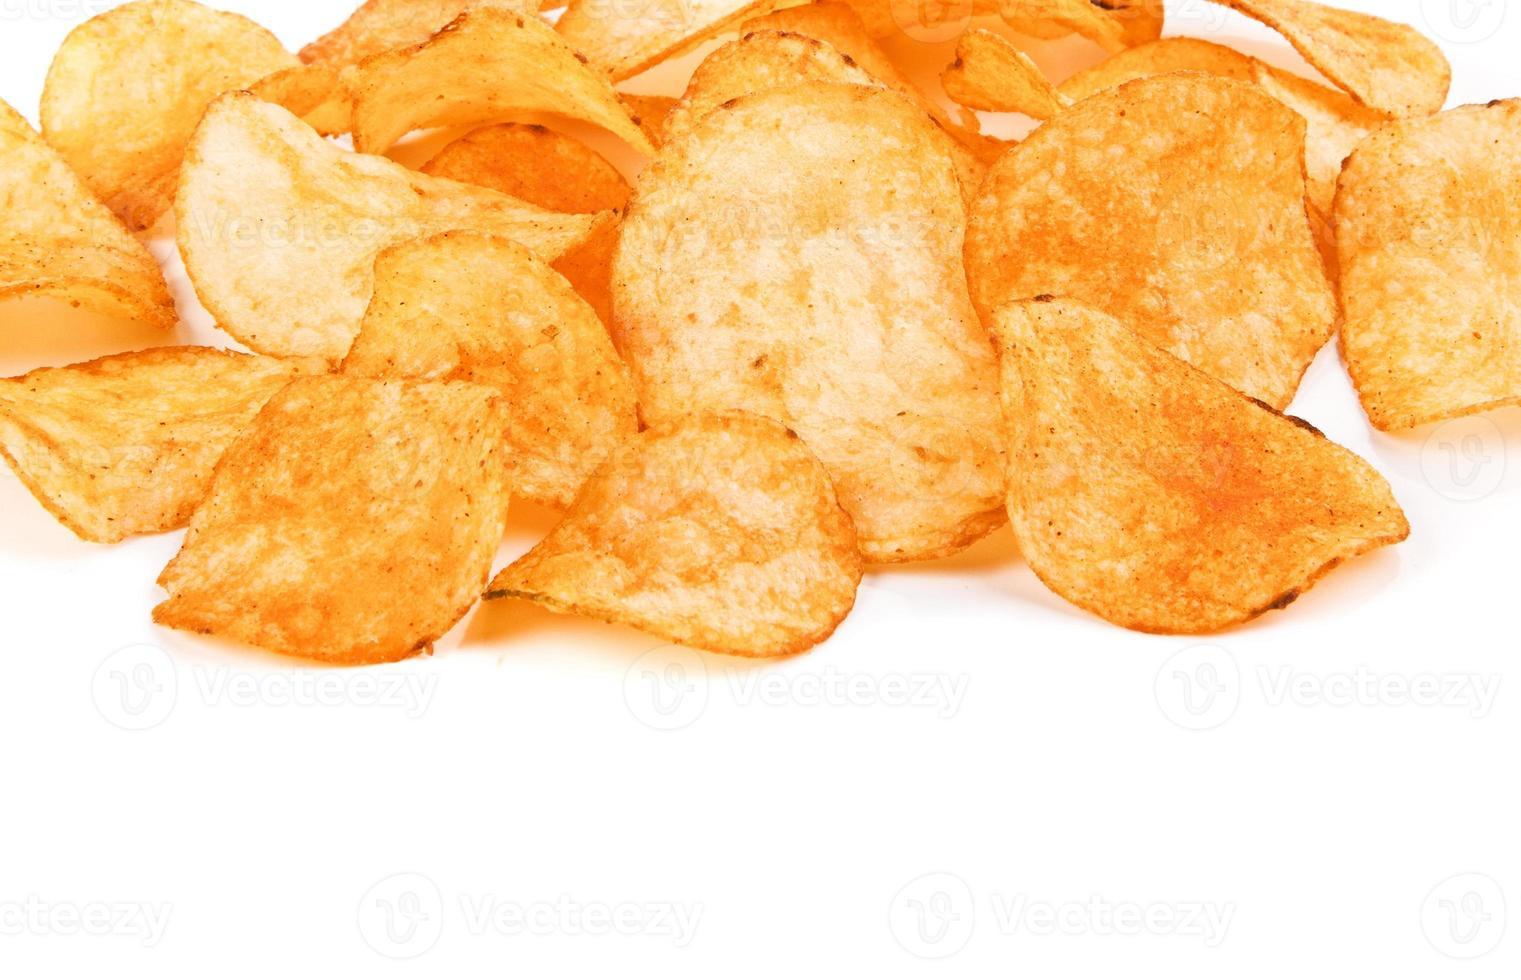 primo piano di patatine fritte foto